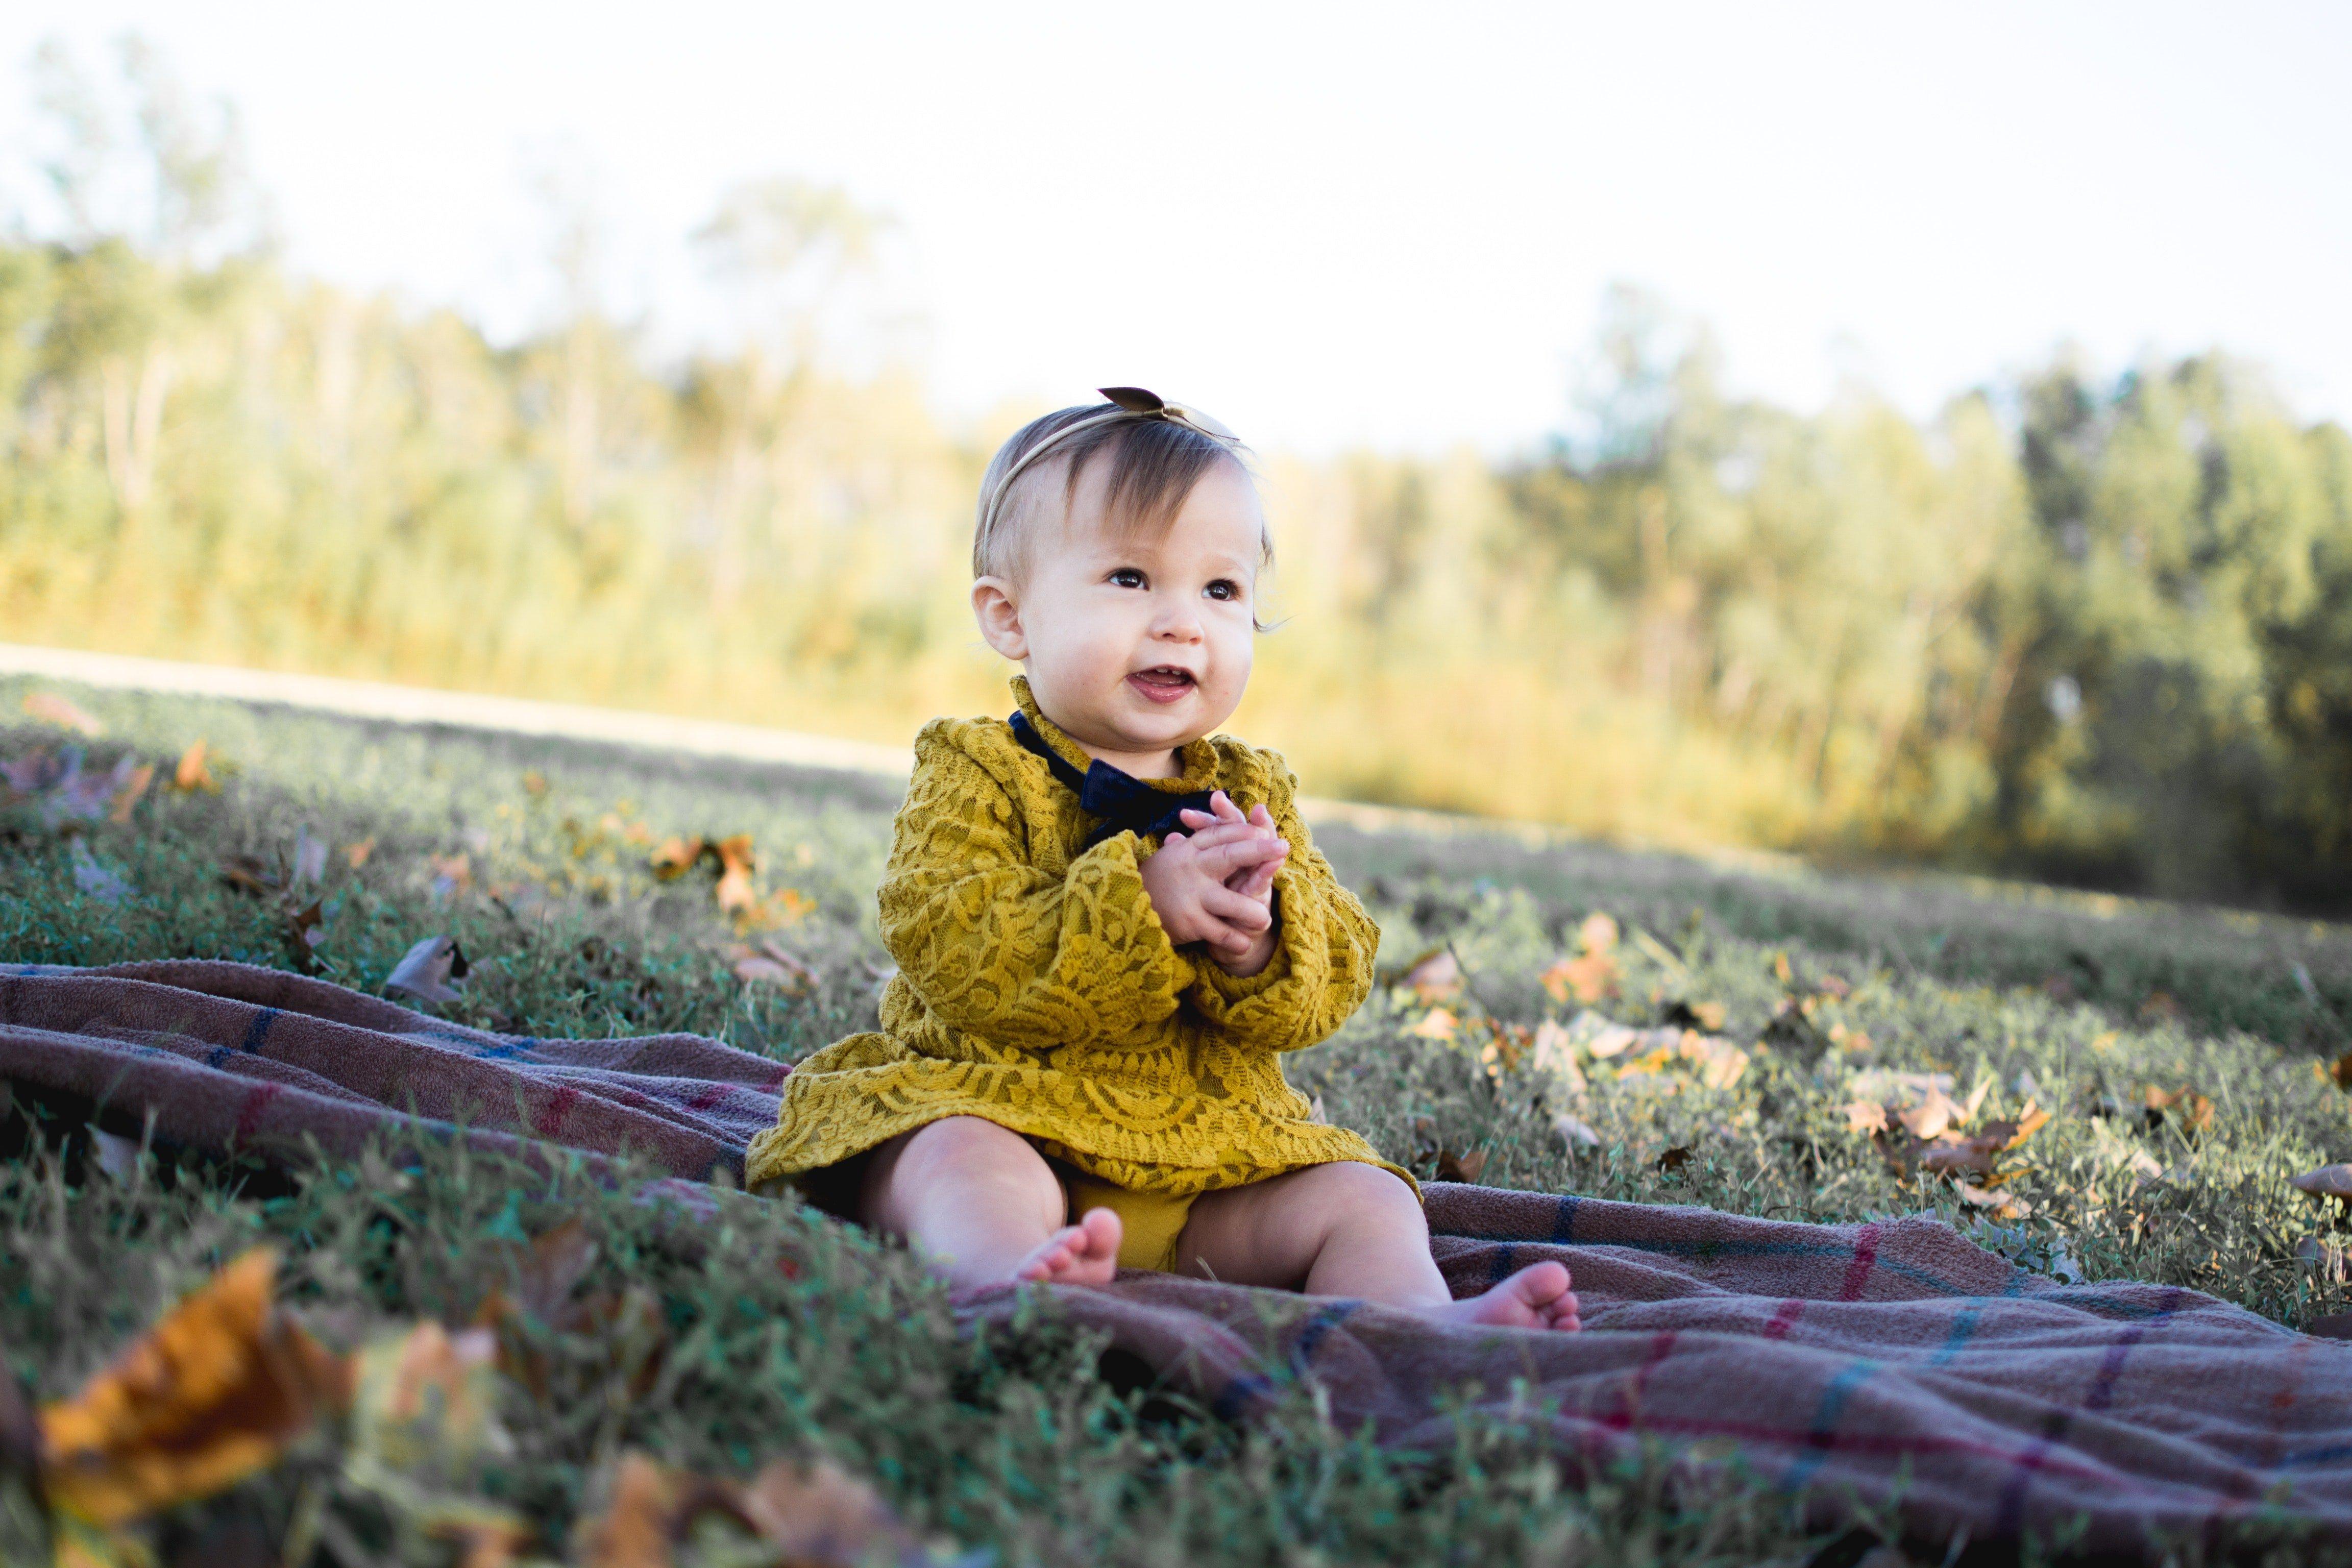 babysitterwebsiteadorablebaby